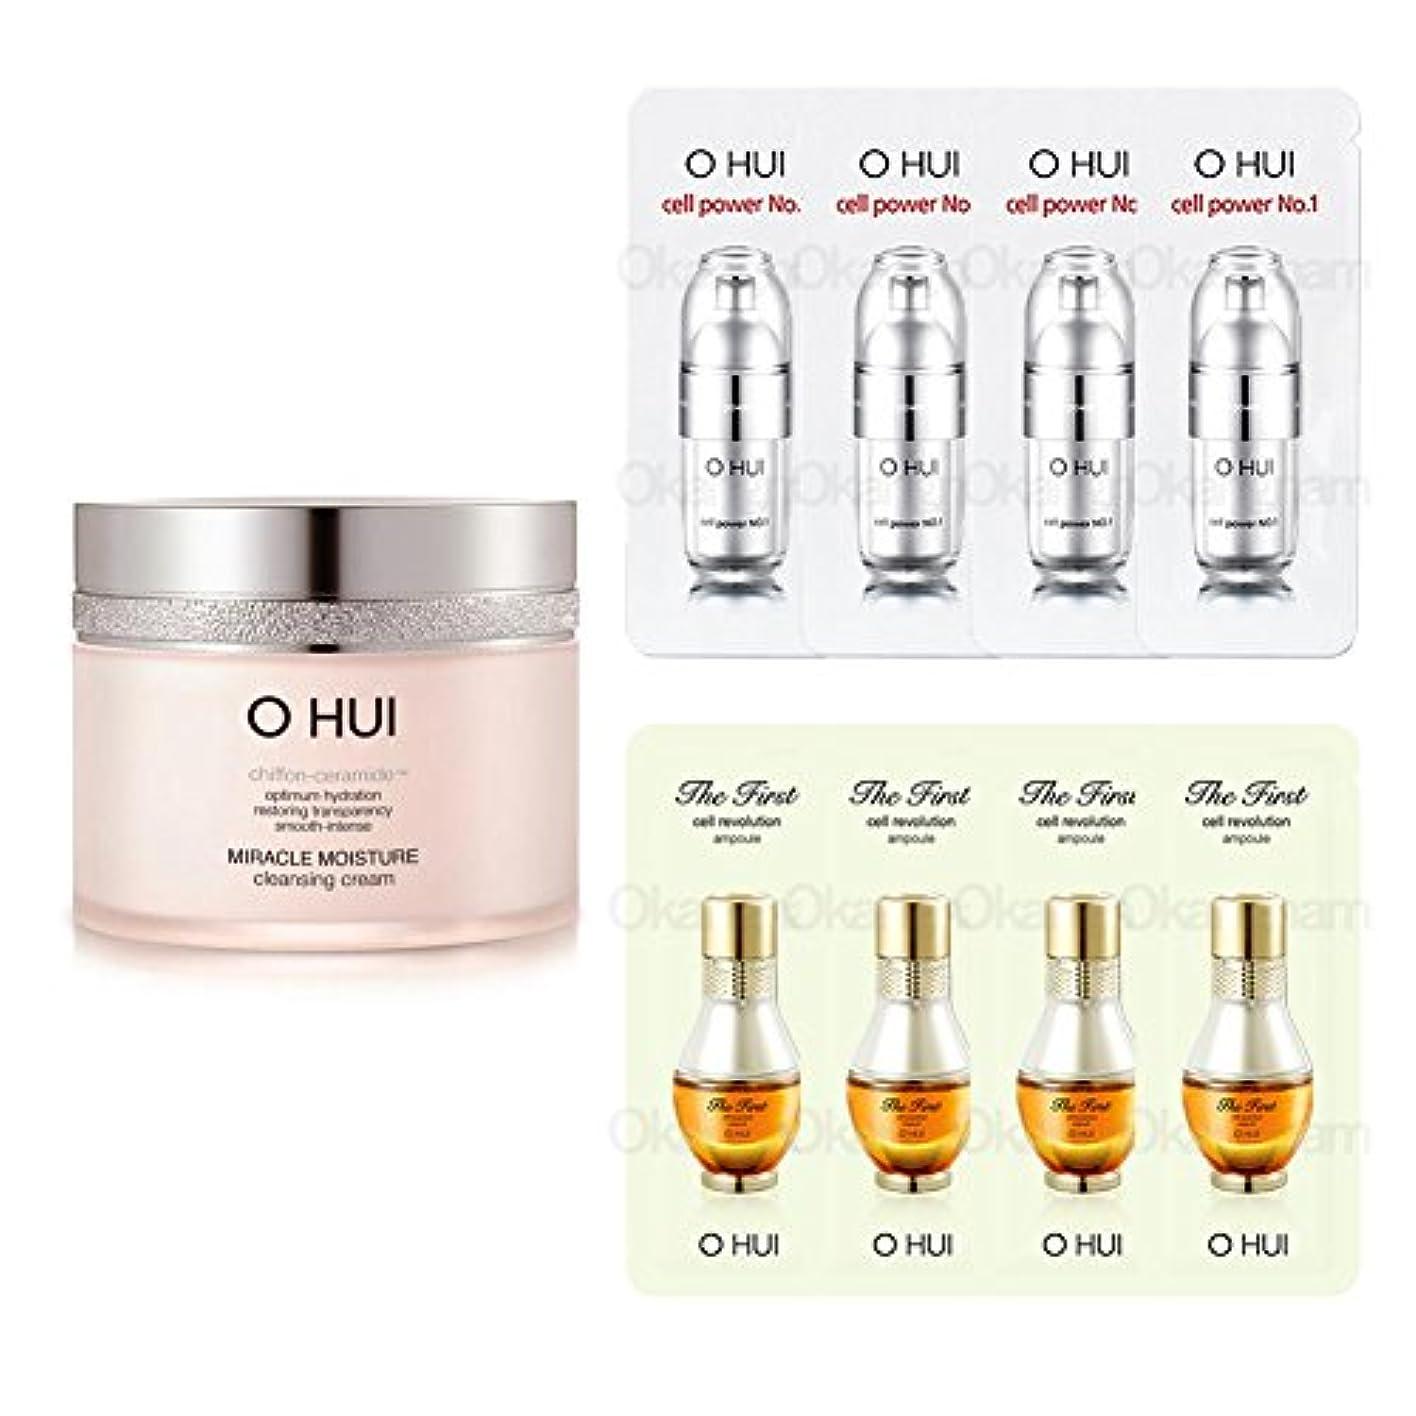 右遊び場感じ[オフィ/ O HUI]韓国化粧品 LG生活健康/OHUI Miracle Moisture Cleansing Cream/ミラクル モイスチャー クレンジング クリーム200ml +[Sample Gift](海外直送品)